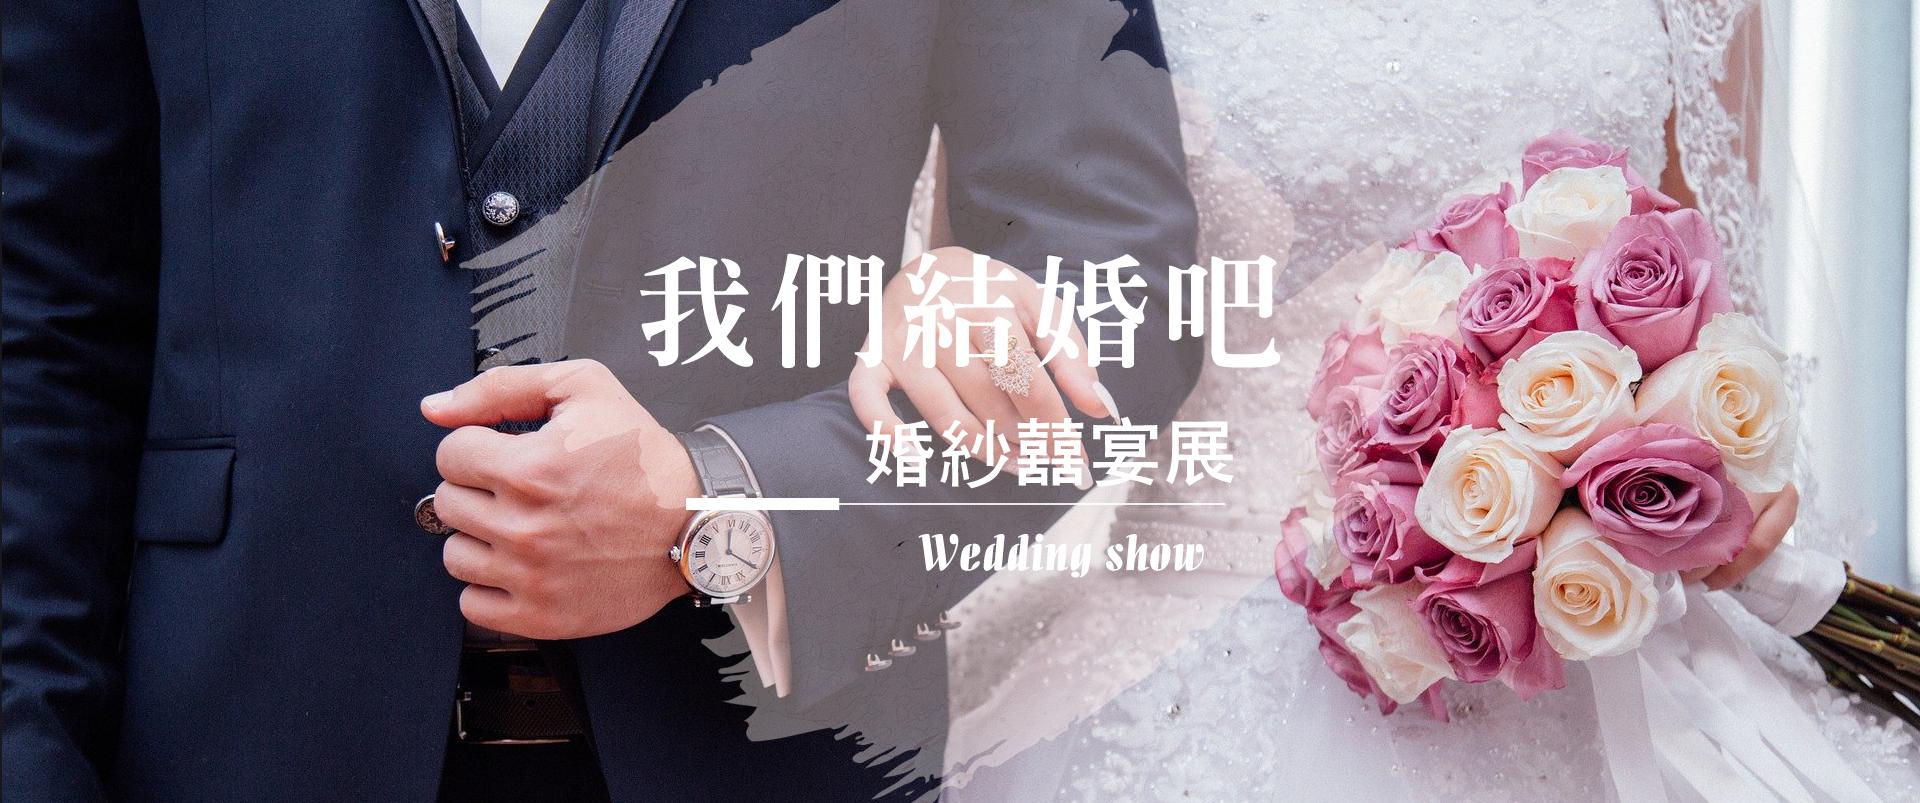 我們結婚吧!婚紗囍宴展